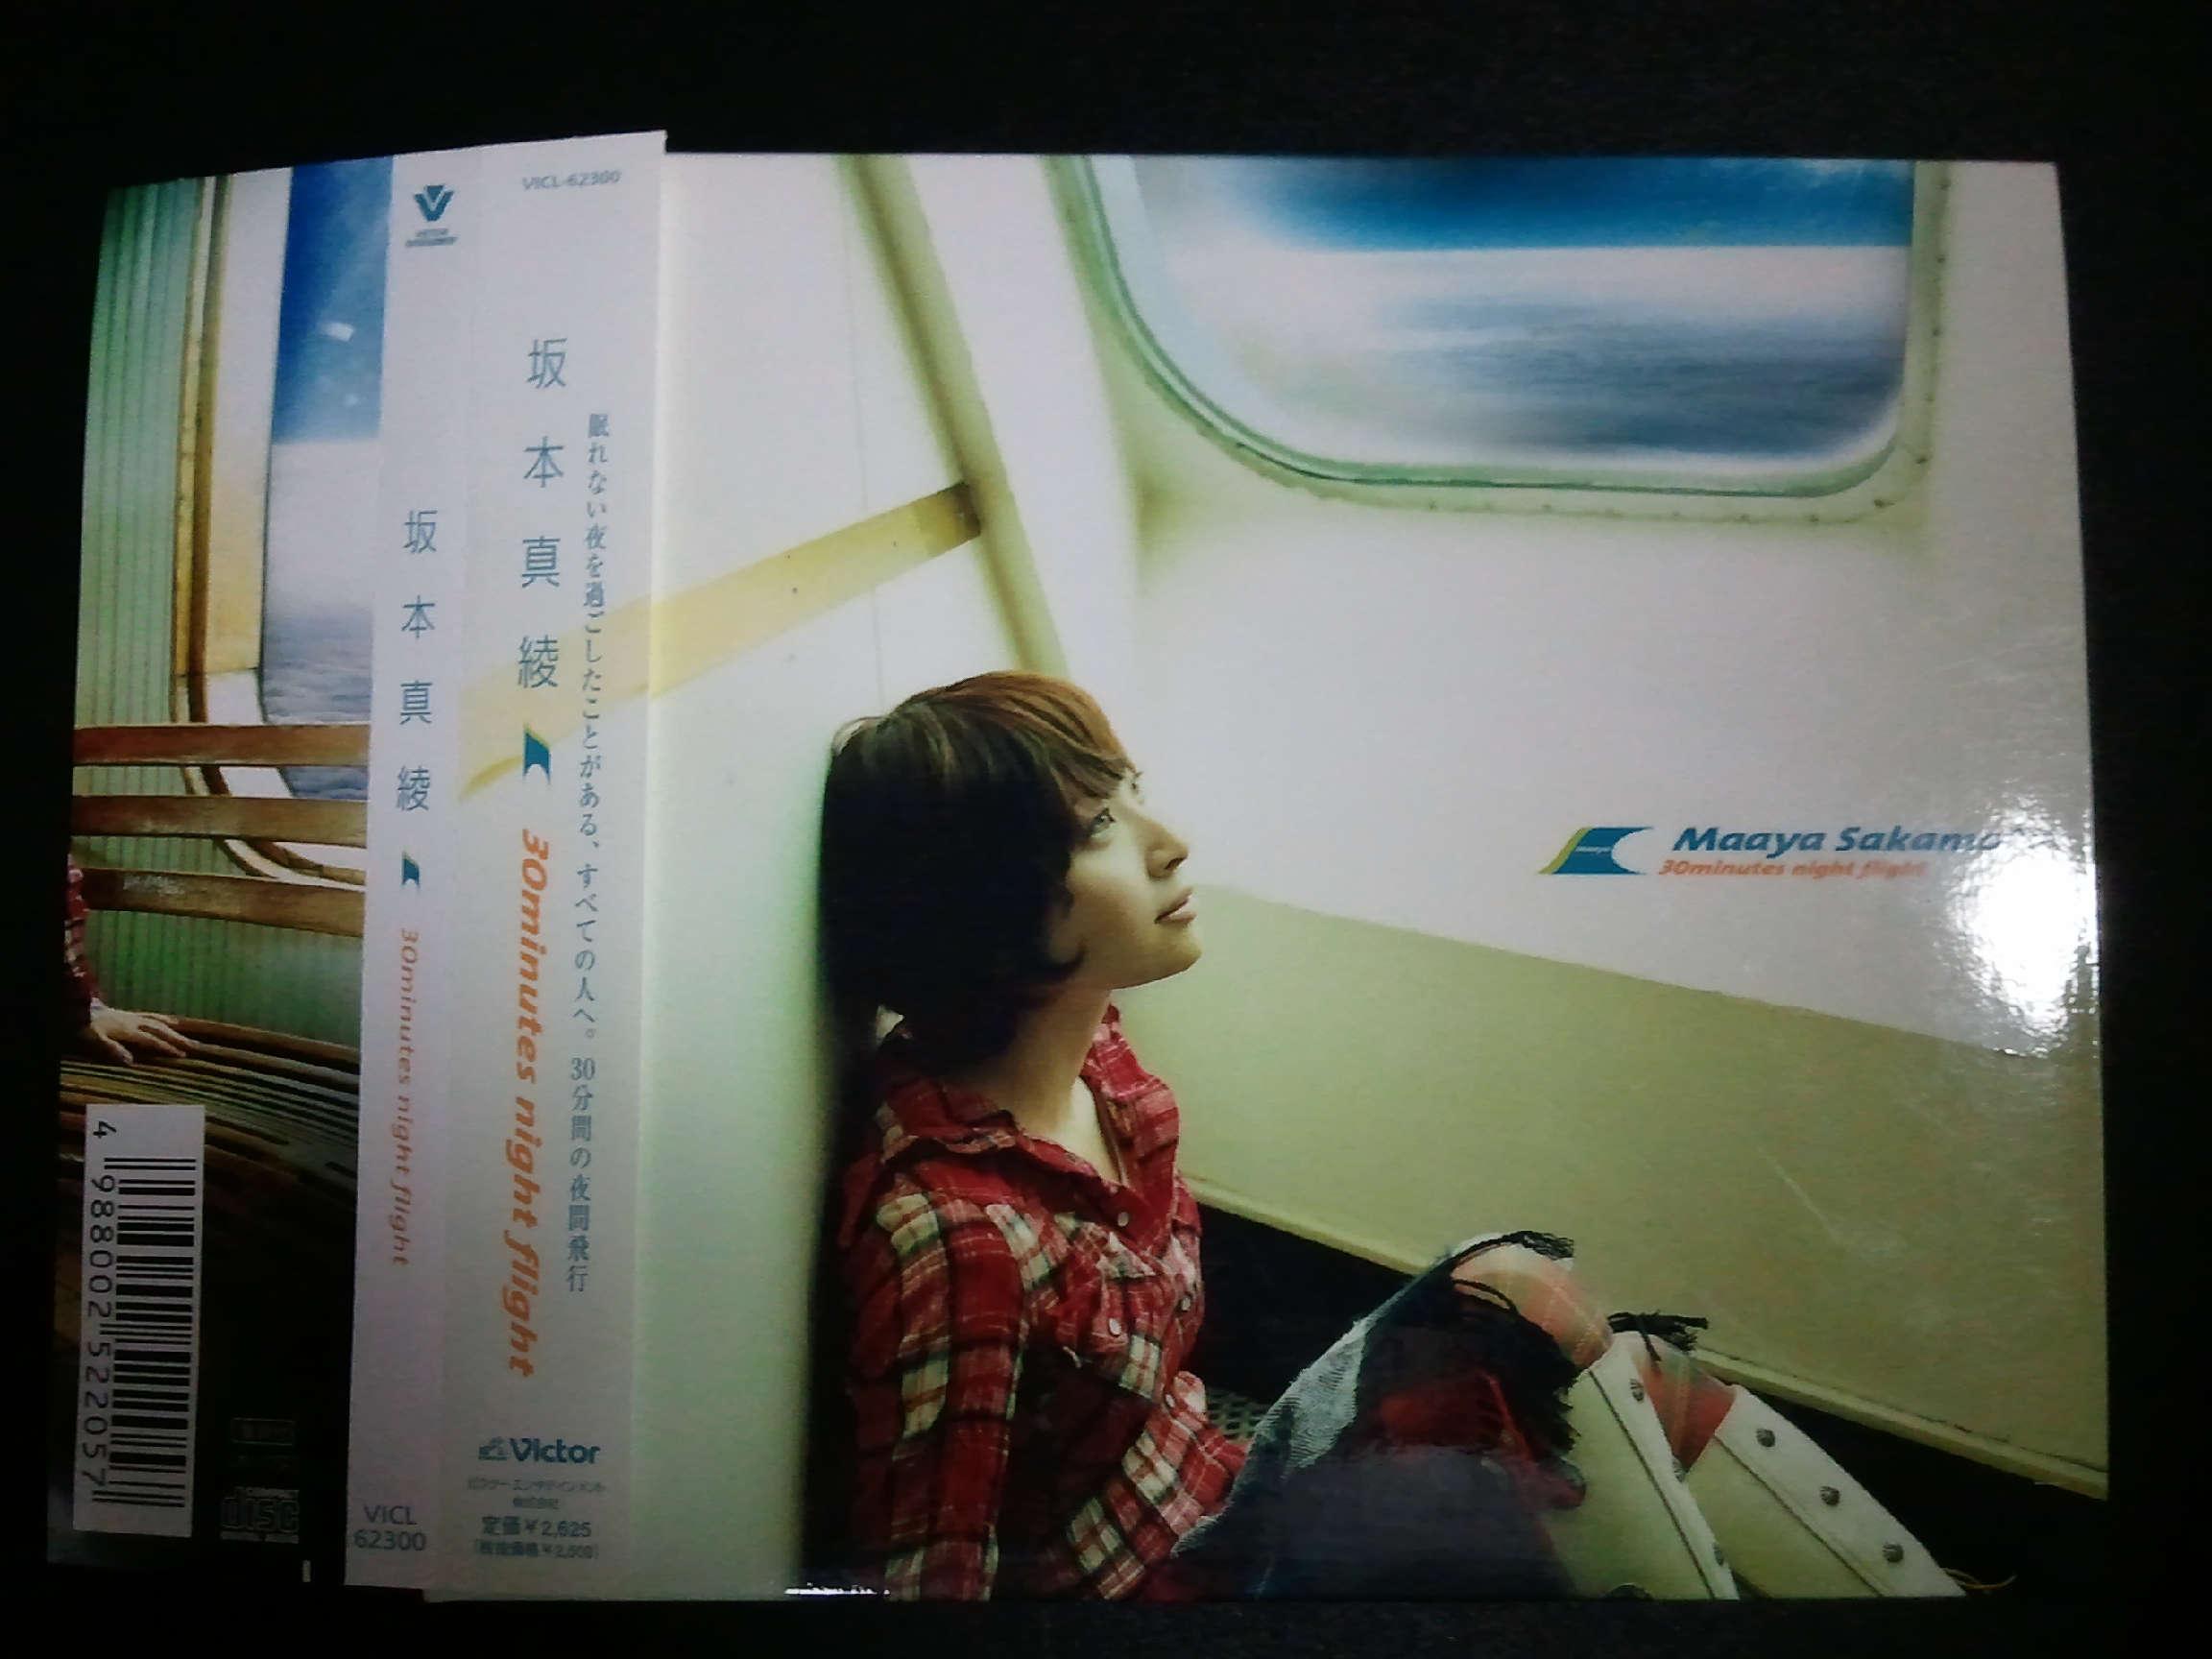 坂本真綾 30minutes Night Flight